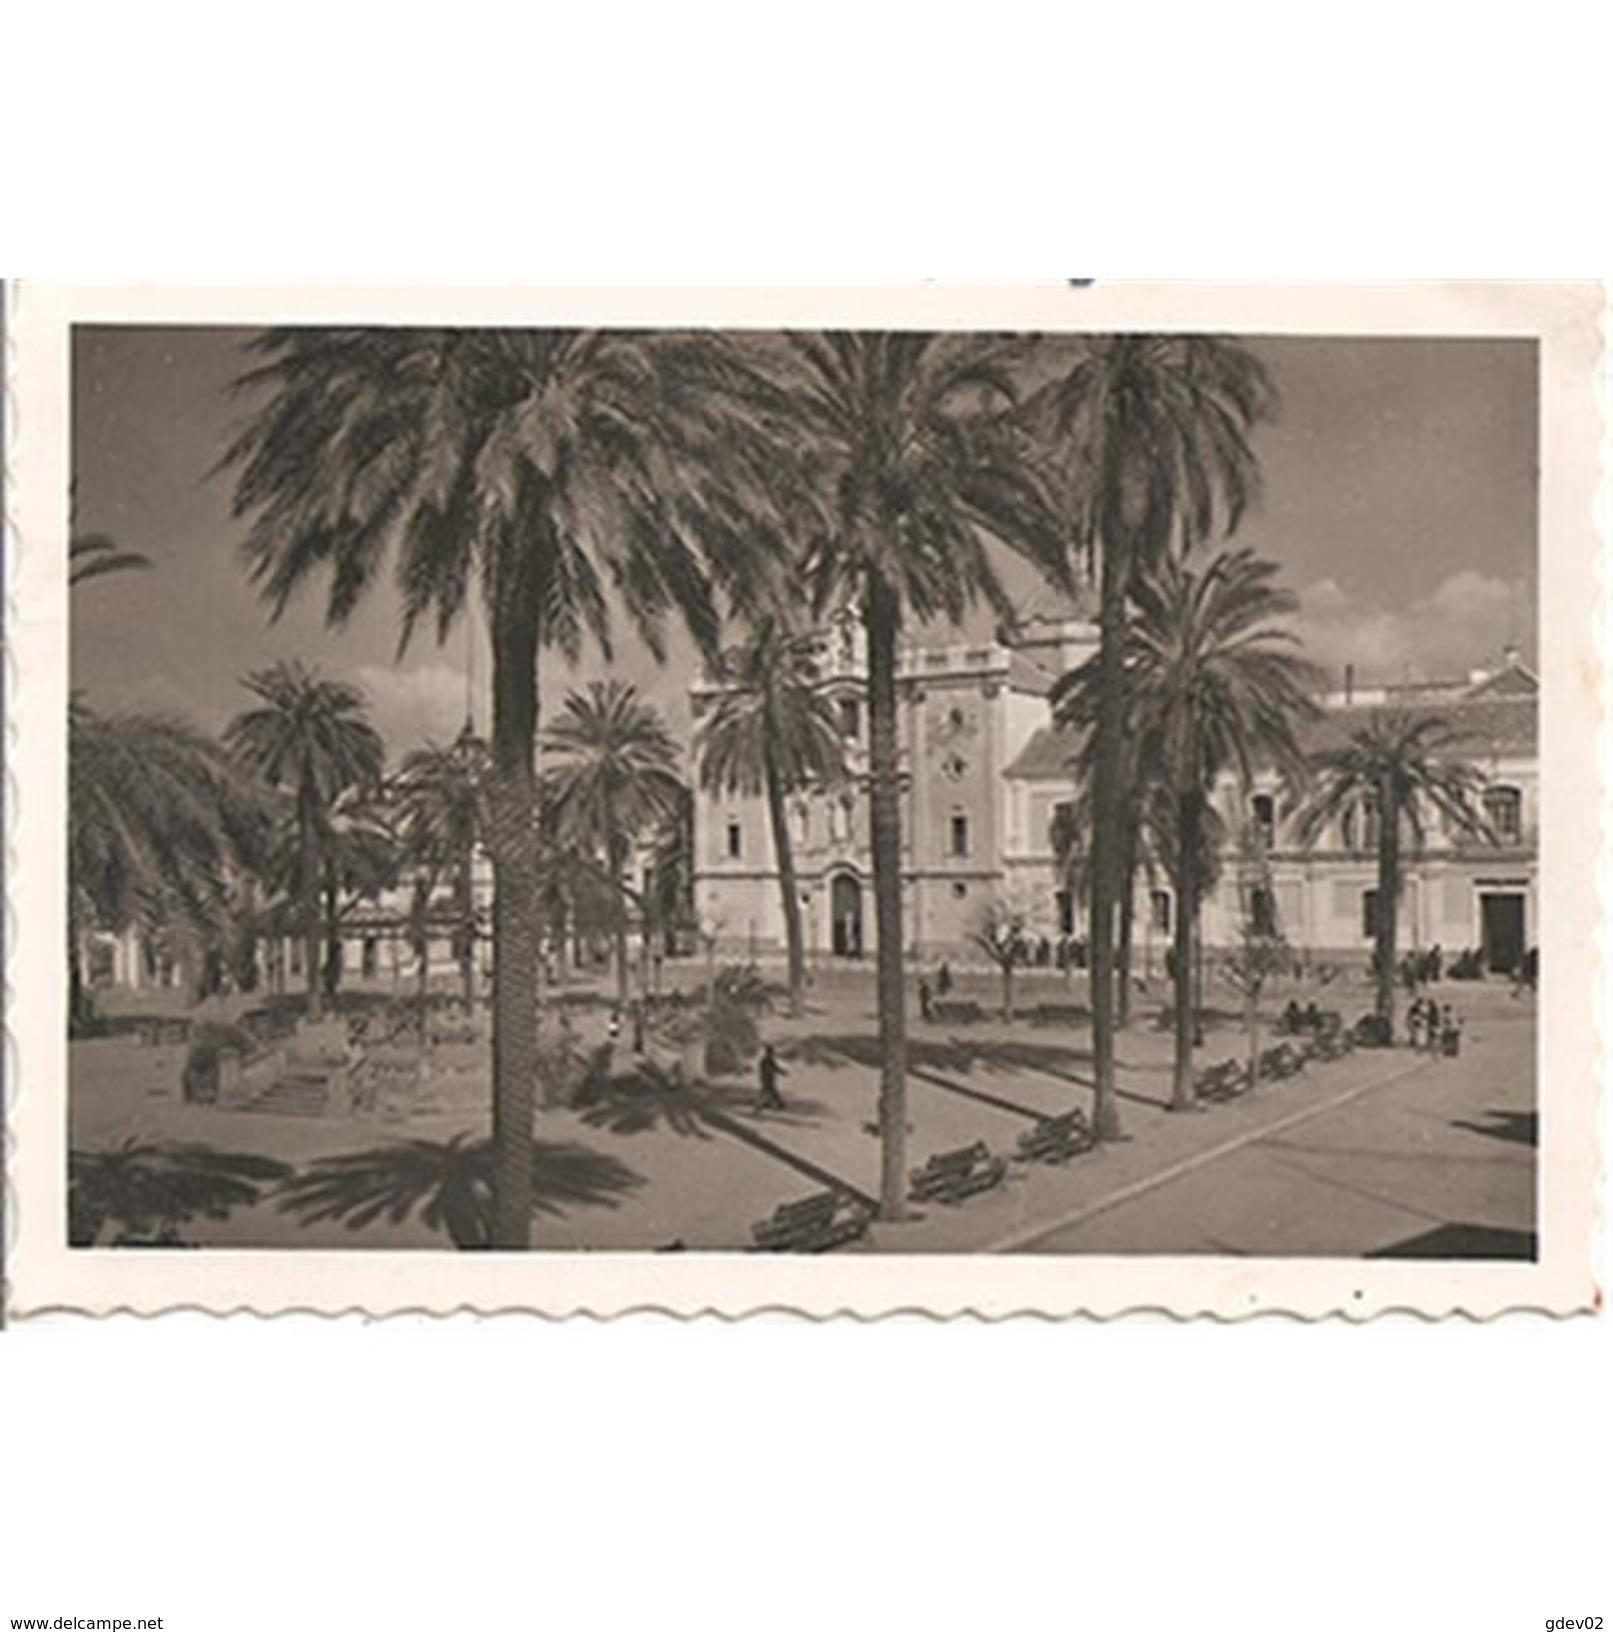 HLVTP7308-LFTD6798.Tarjeta Postal DE HUELVA.Edificios.CATEDRAL Y PLAZA DE LA MERCED   En HUELVA - Huelva